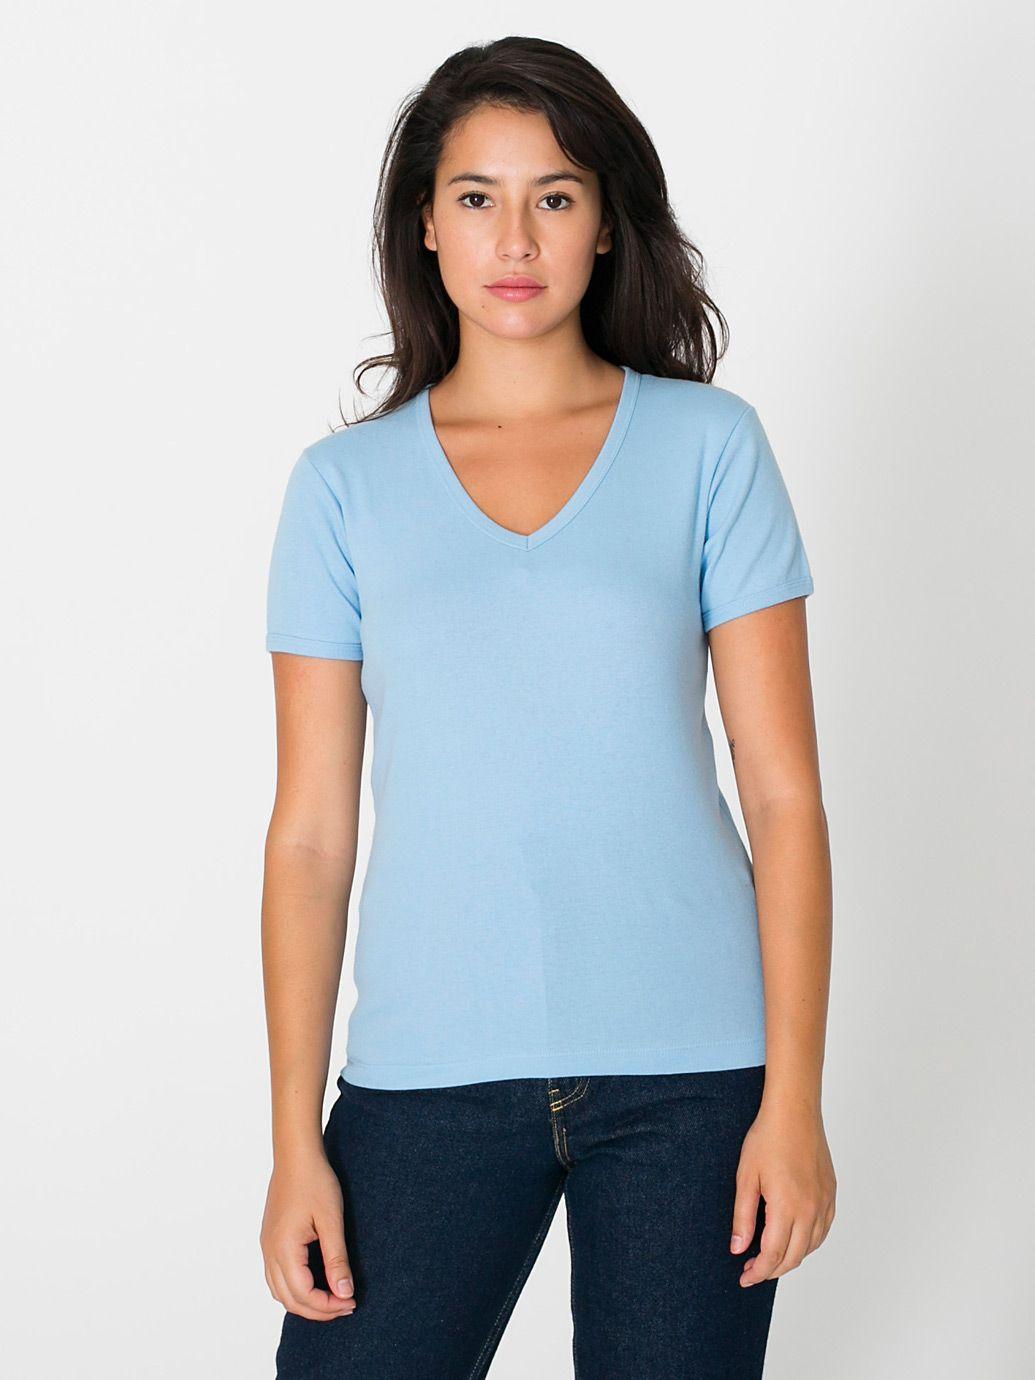 Light Blue V-Neck